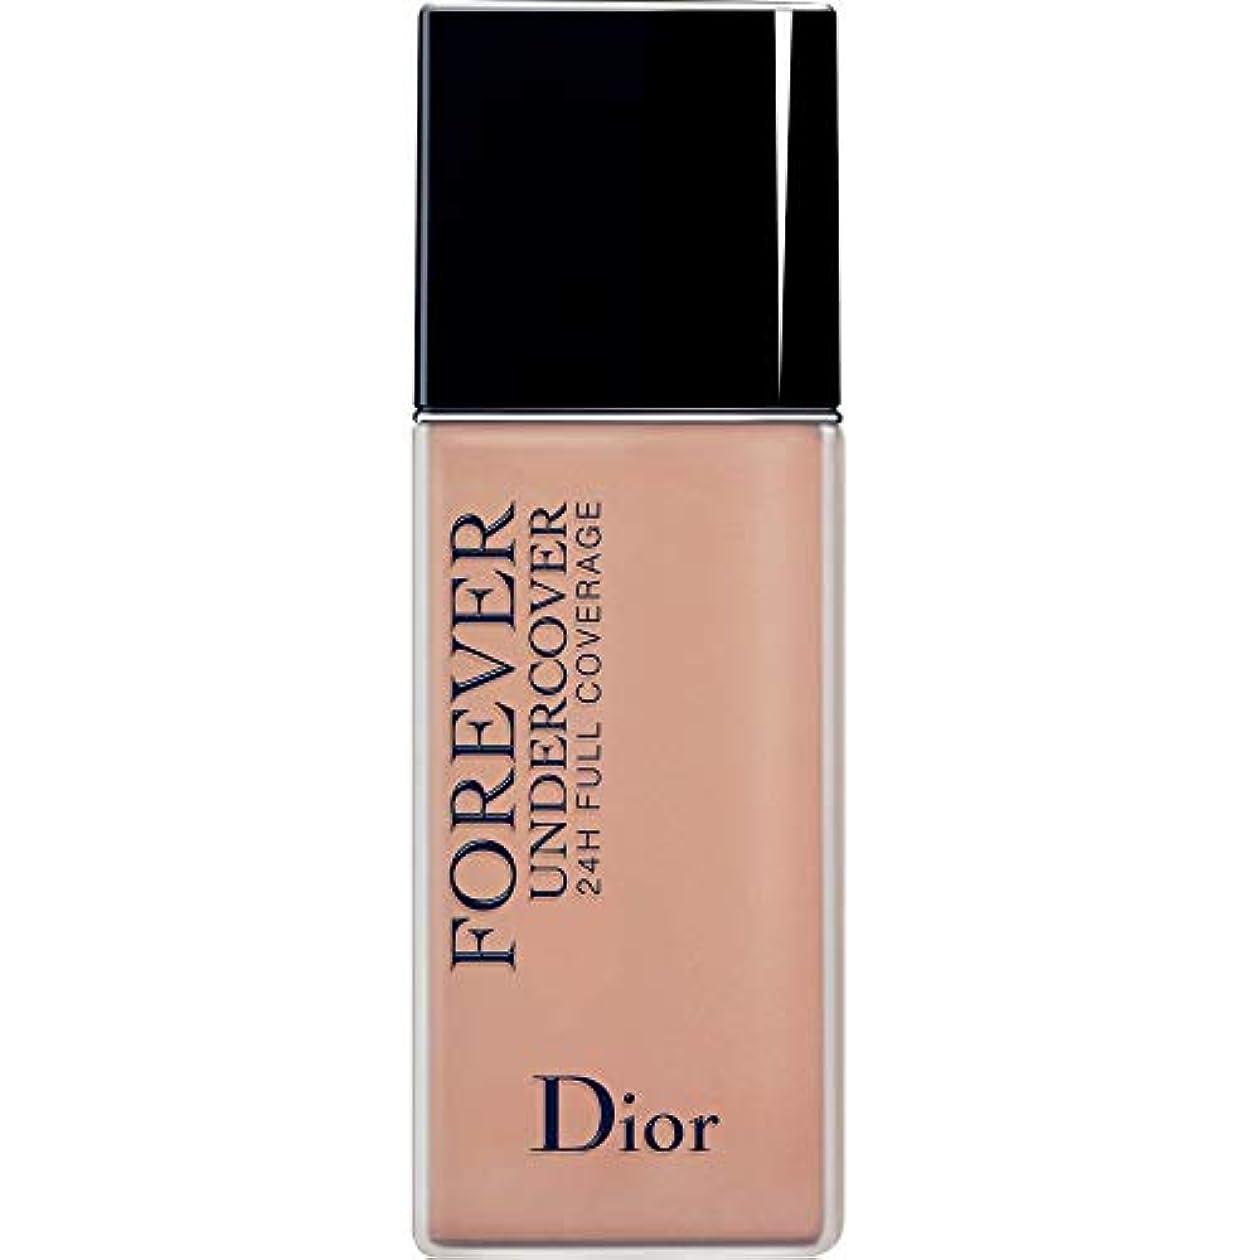 アテンダントプロペラ申し立てられた[Dior ] ディオールディオールスキン永遠アンダーカバーフルカバーの基礎40ミリリットル034 - アーモンドベージュ - DIOR Diorskin Forever Undercover Full Coverage...